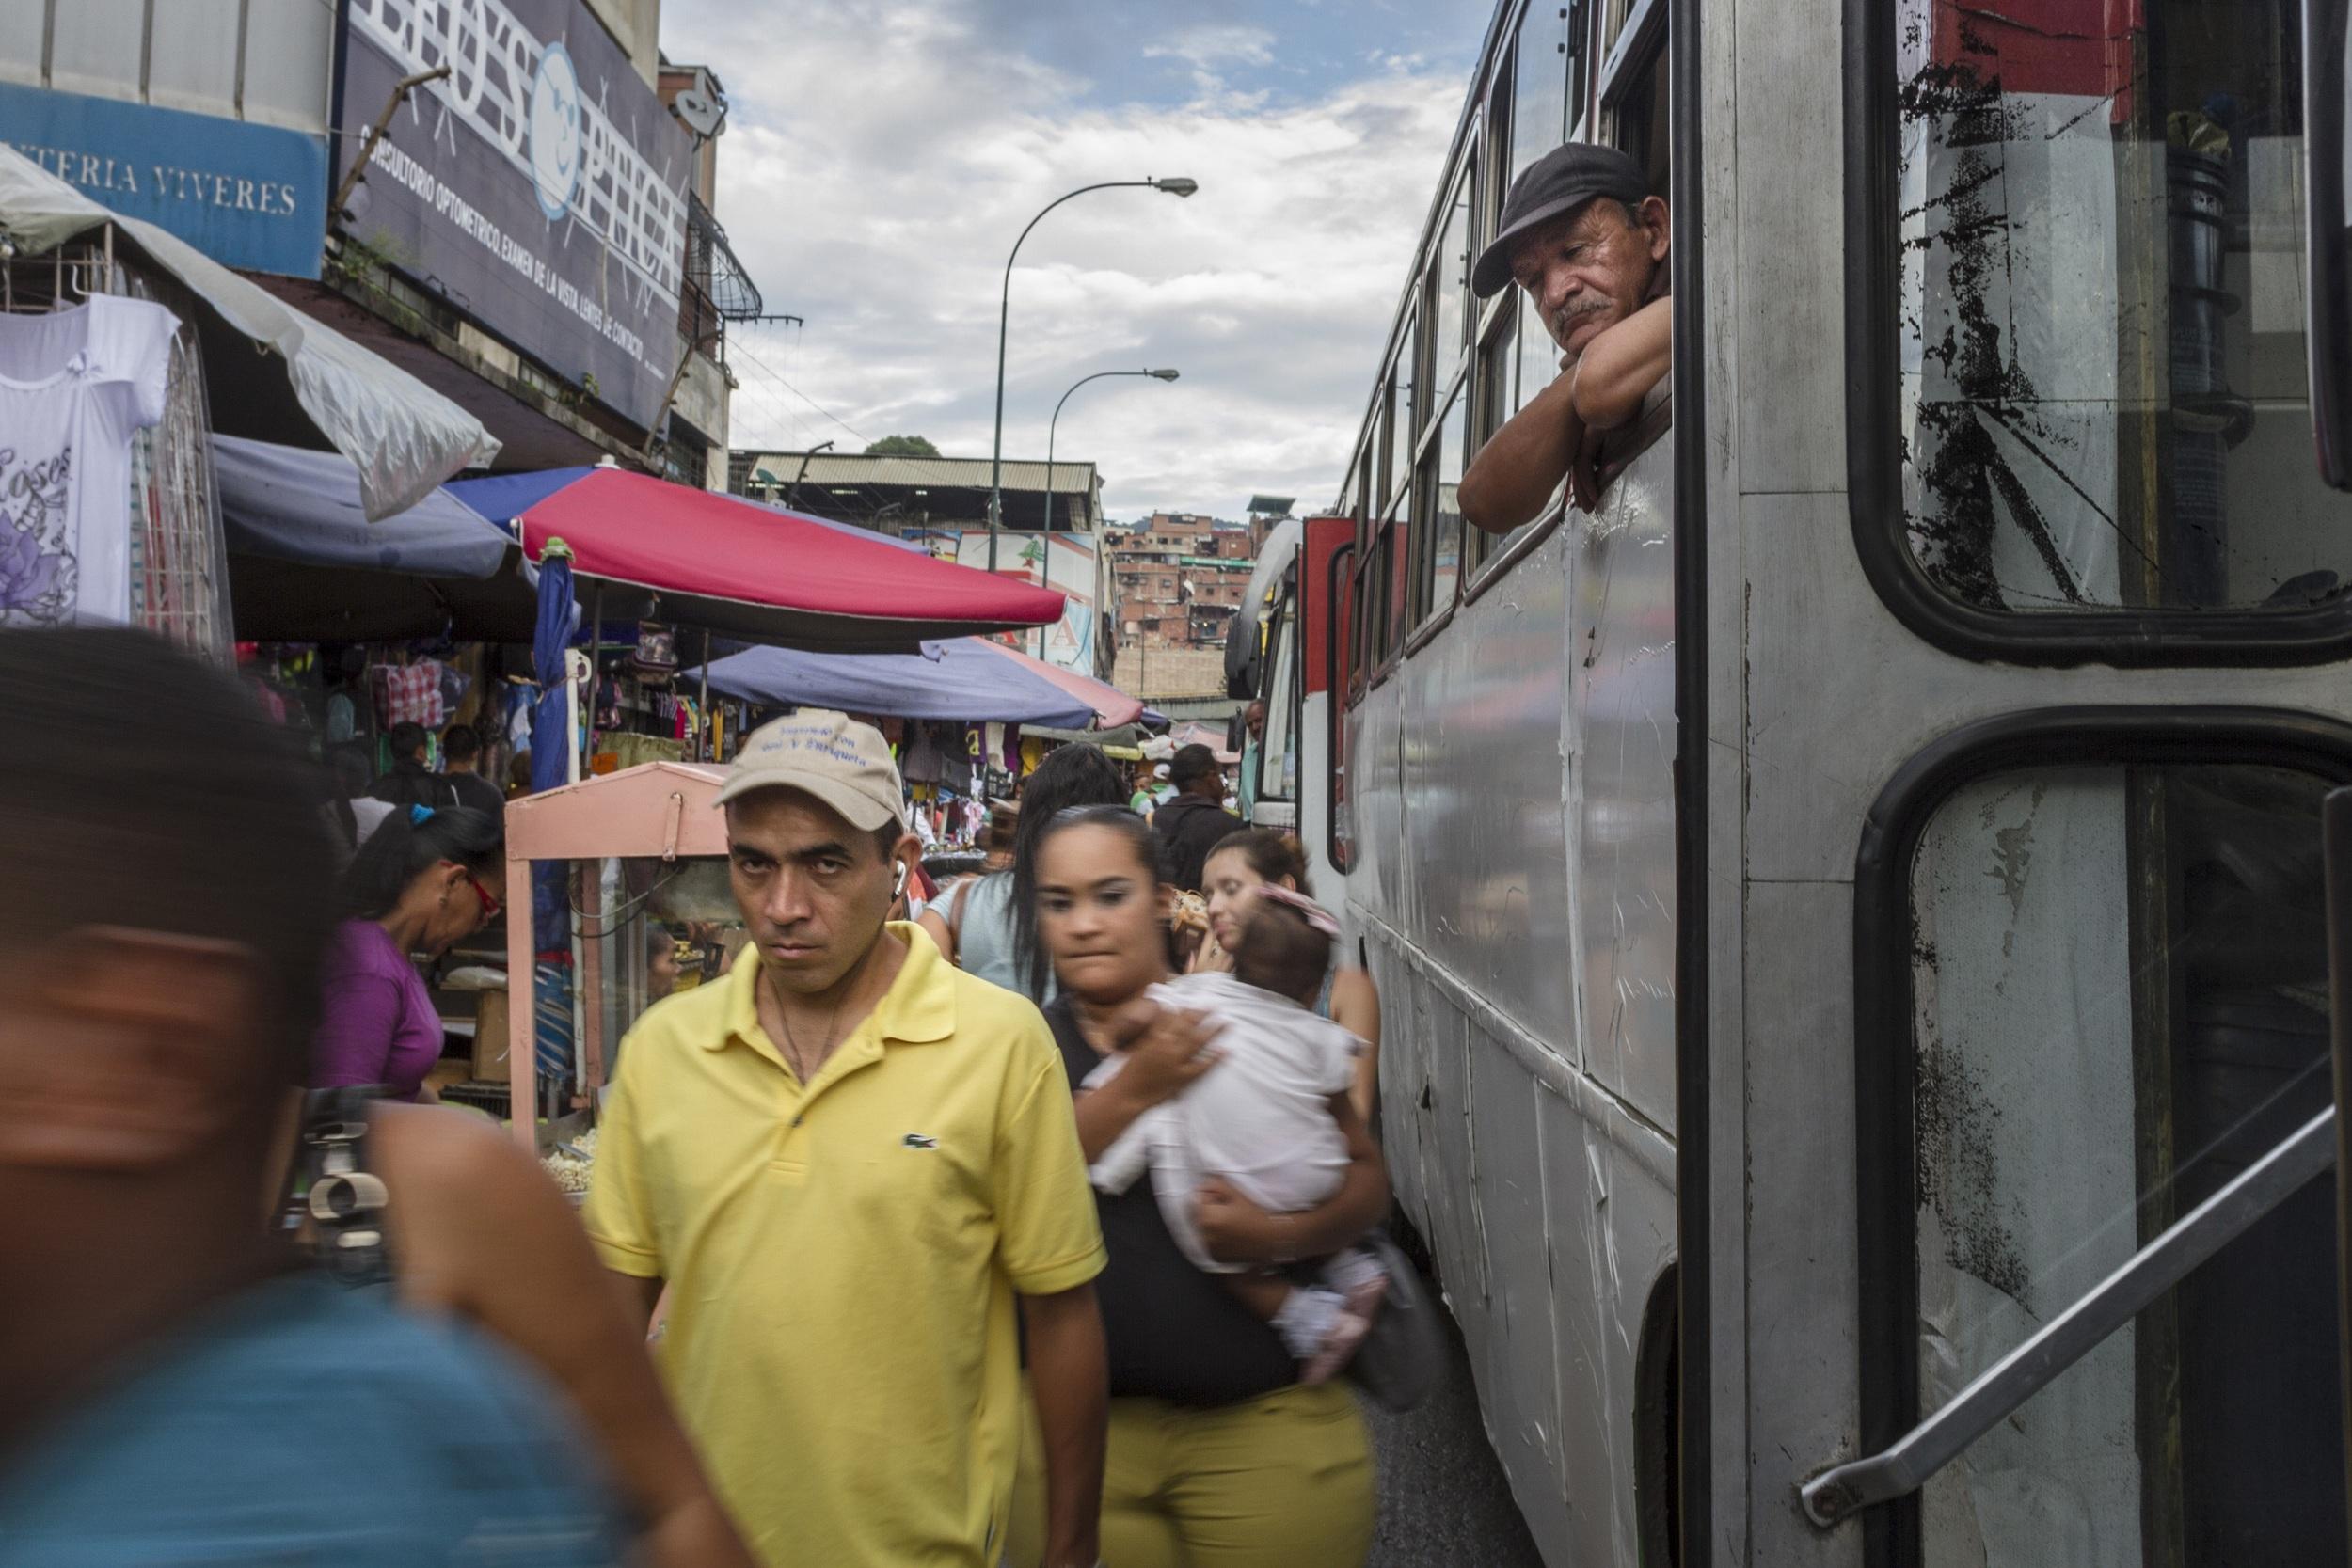 """""""At Redoma de Petare, 500,000 people circulate daily."""" (Source: El Universal).   """"  En La Redoma de Petare circulan 500.000 personas diariamente.  """"  (Fuente: El Universal)."""